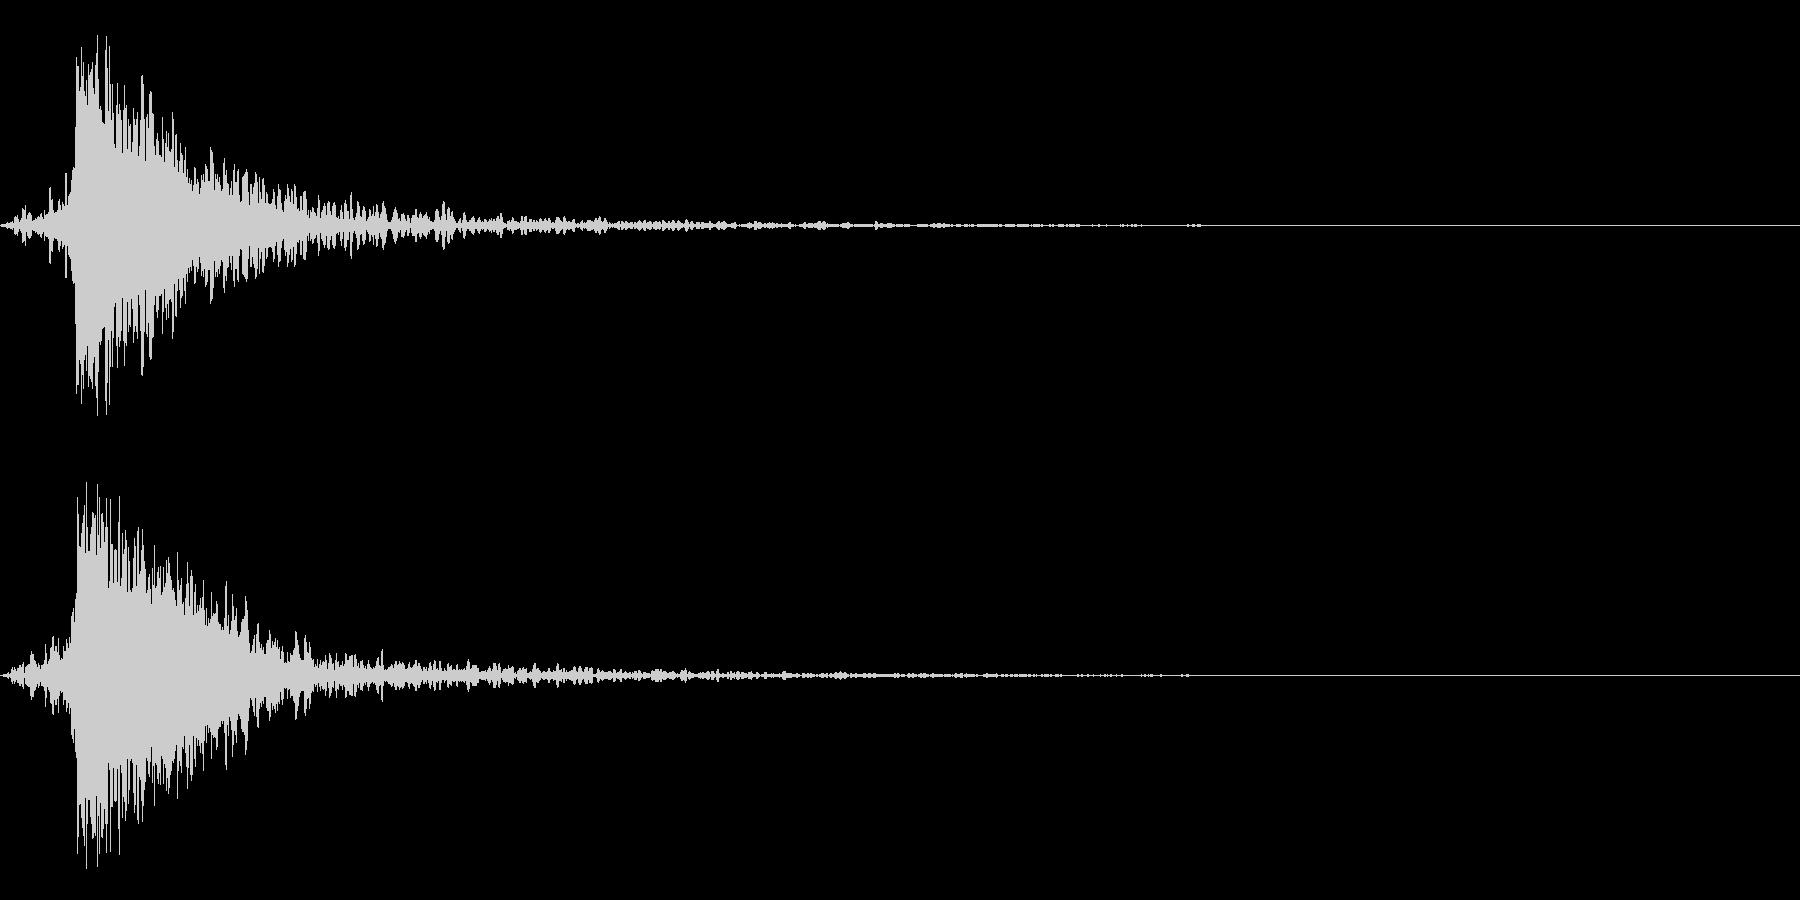 ガキーン 派手な金属音4-1の未再生の波形